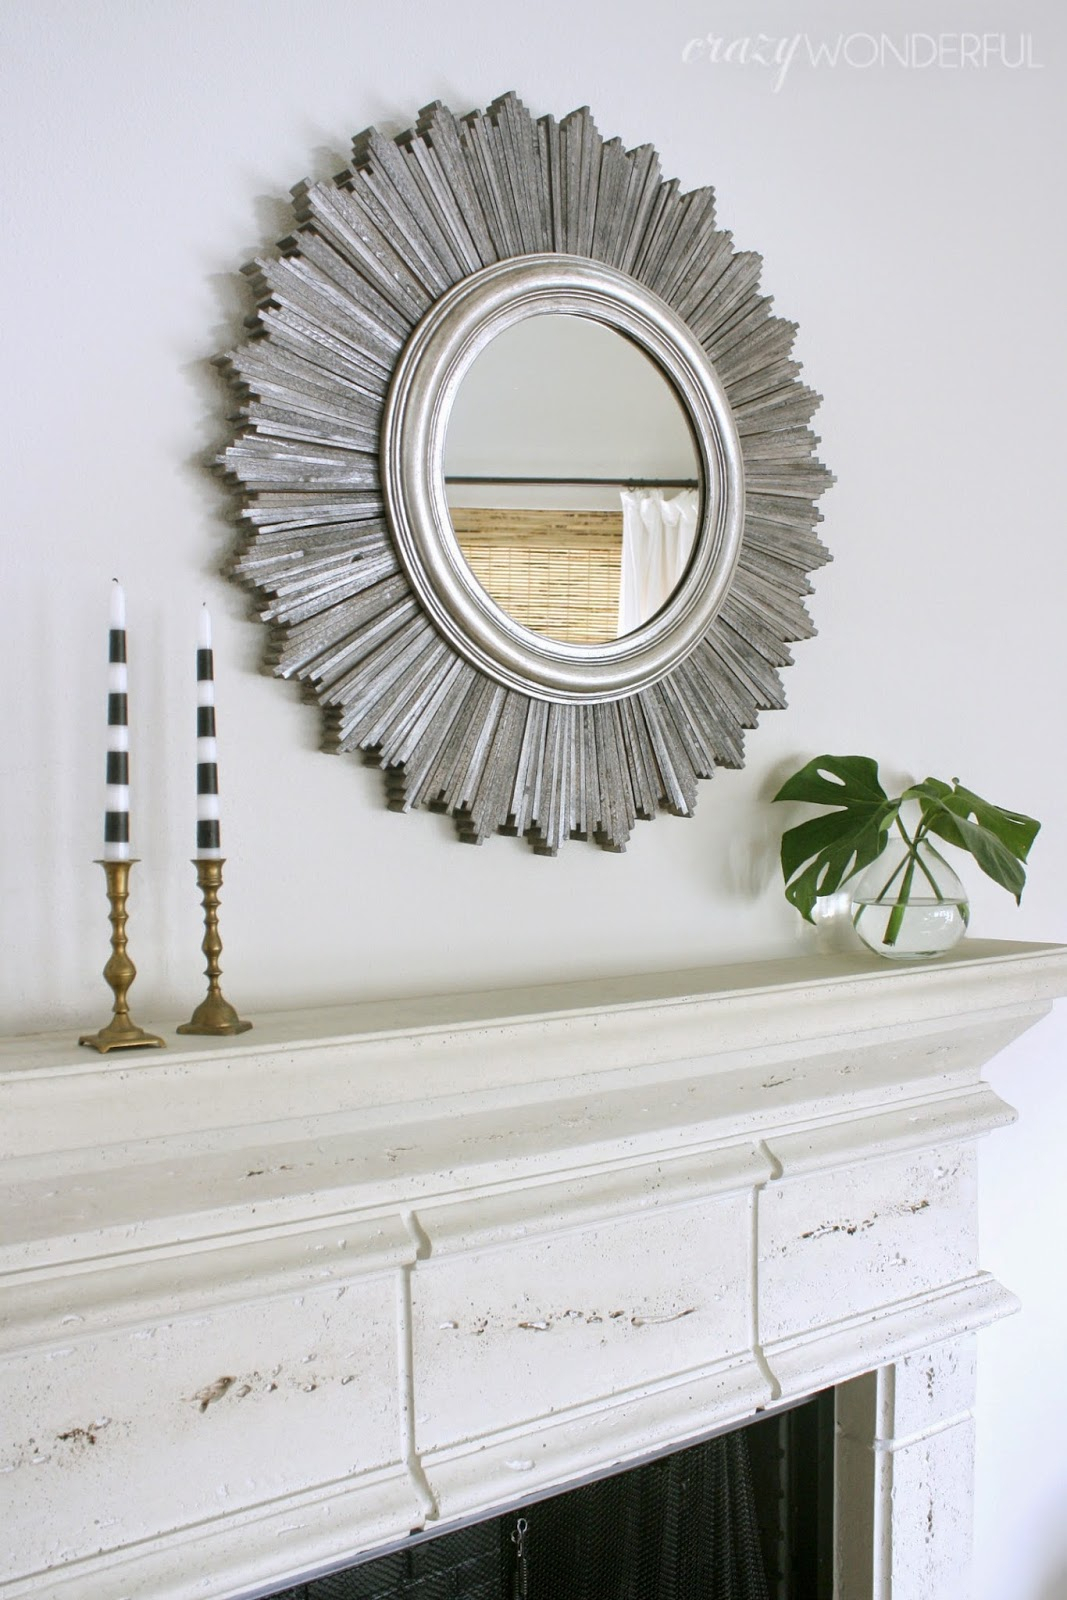 Sunburst Mirror Diy – Crazy Wonderful With Regard To Deniece Sunburst Round Wall Mirrors (View 23 of 30)